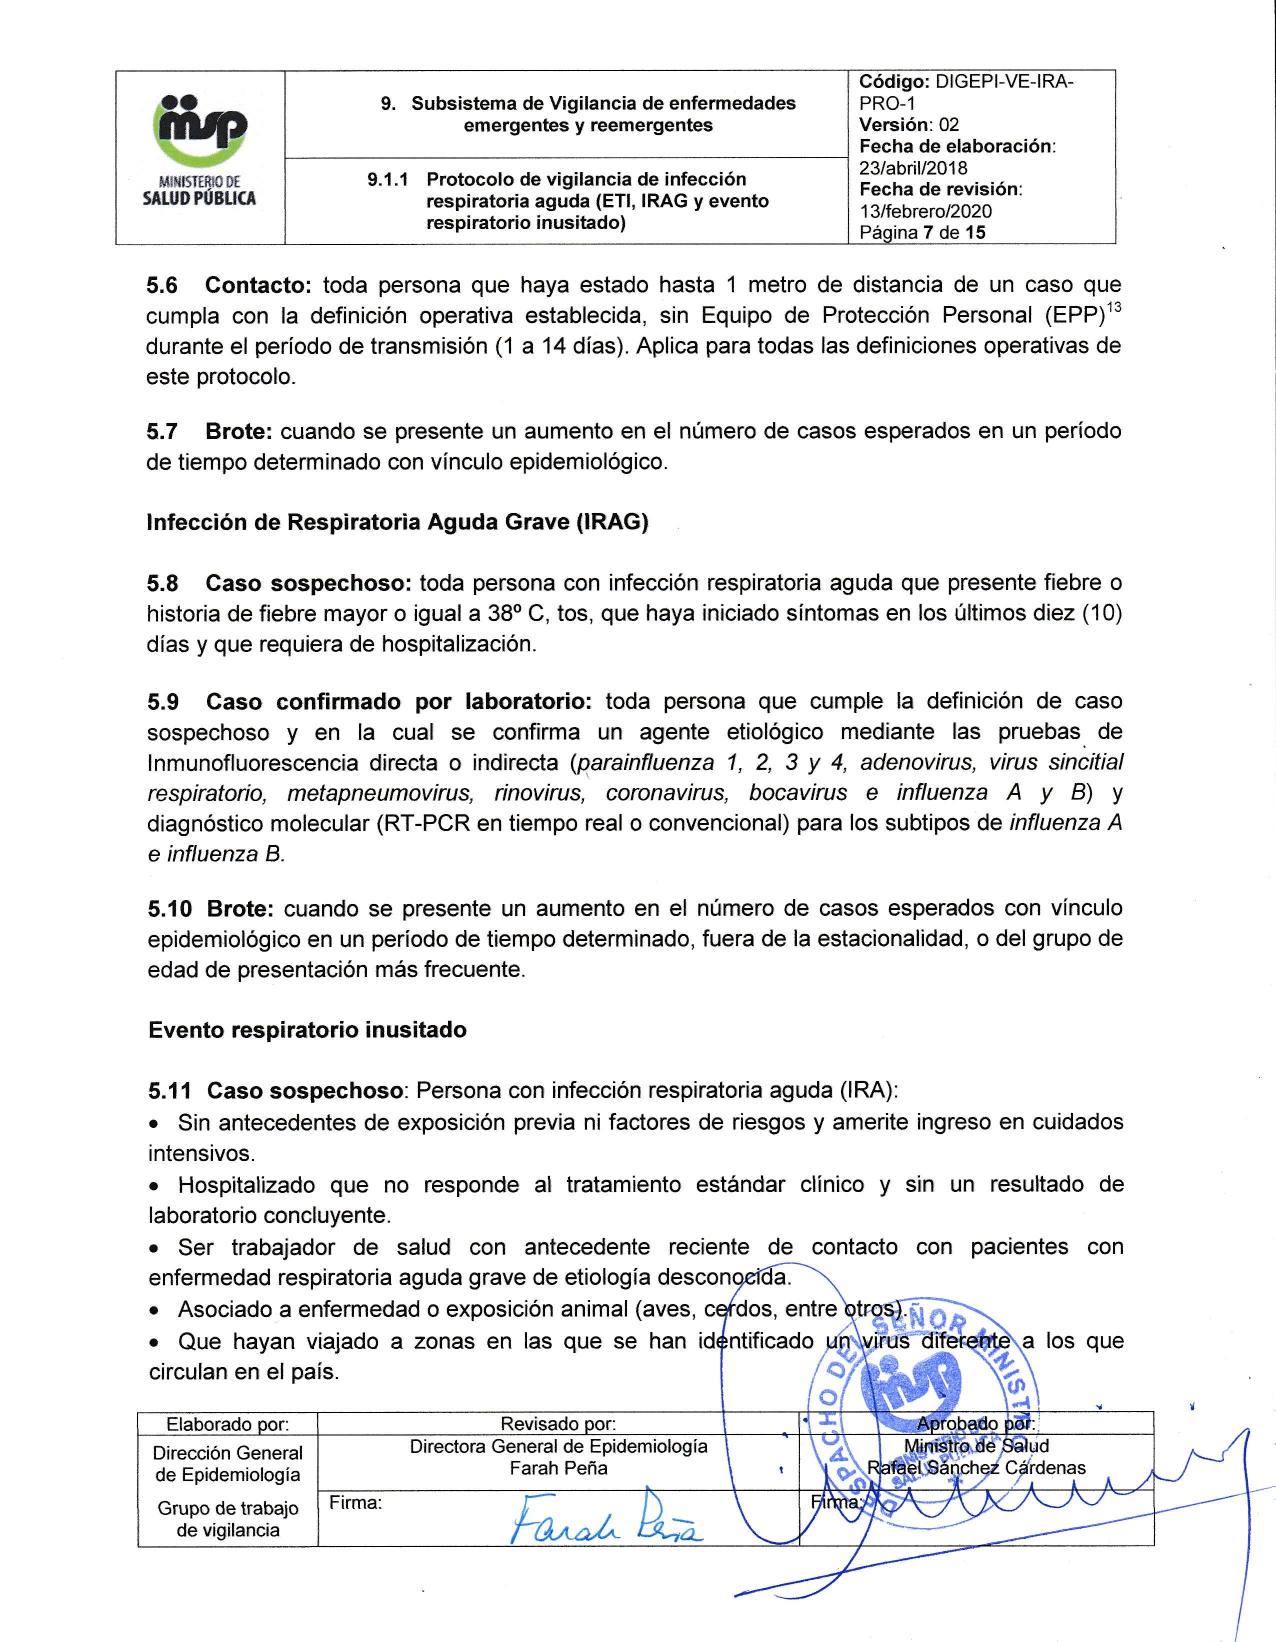 9.1.1. Protocolo Vigilancia Infeccion Respiratoria Aguda (1)_page-0007